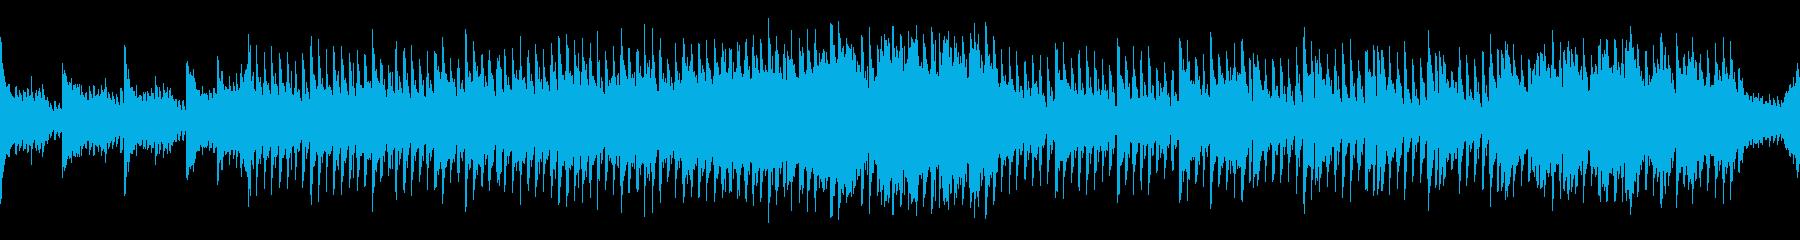 アップテンポな楽しい曲の再生済みの波形